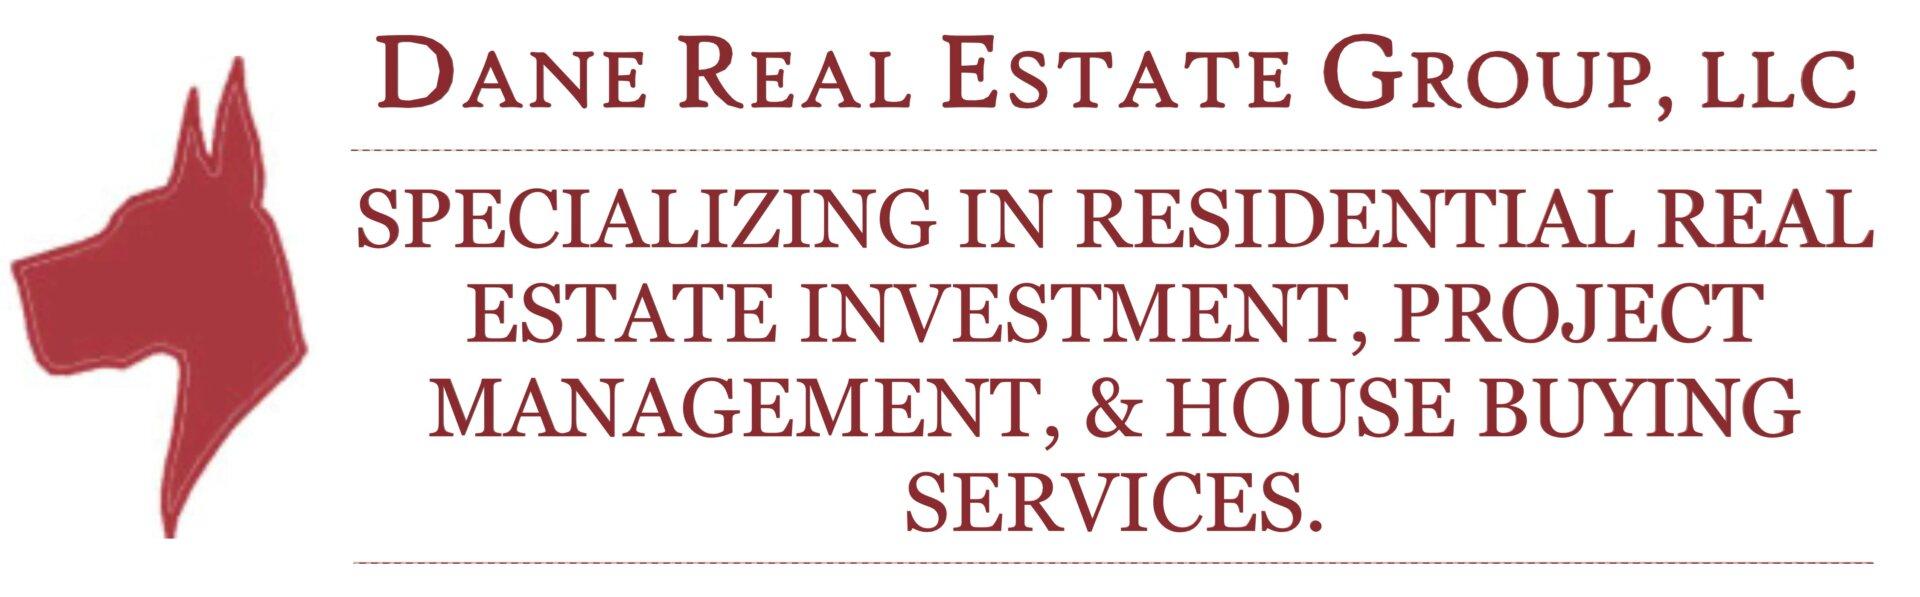 DANE REAL ESTATE GROUP, LLC logo